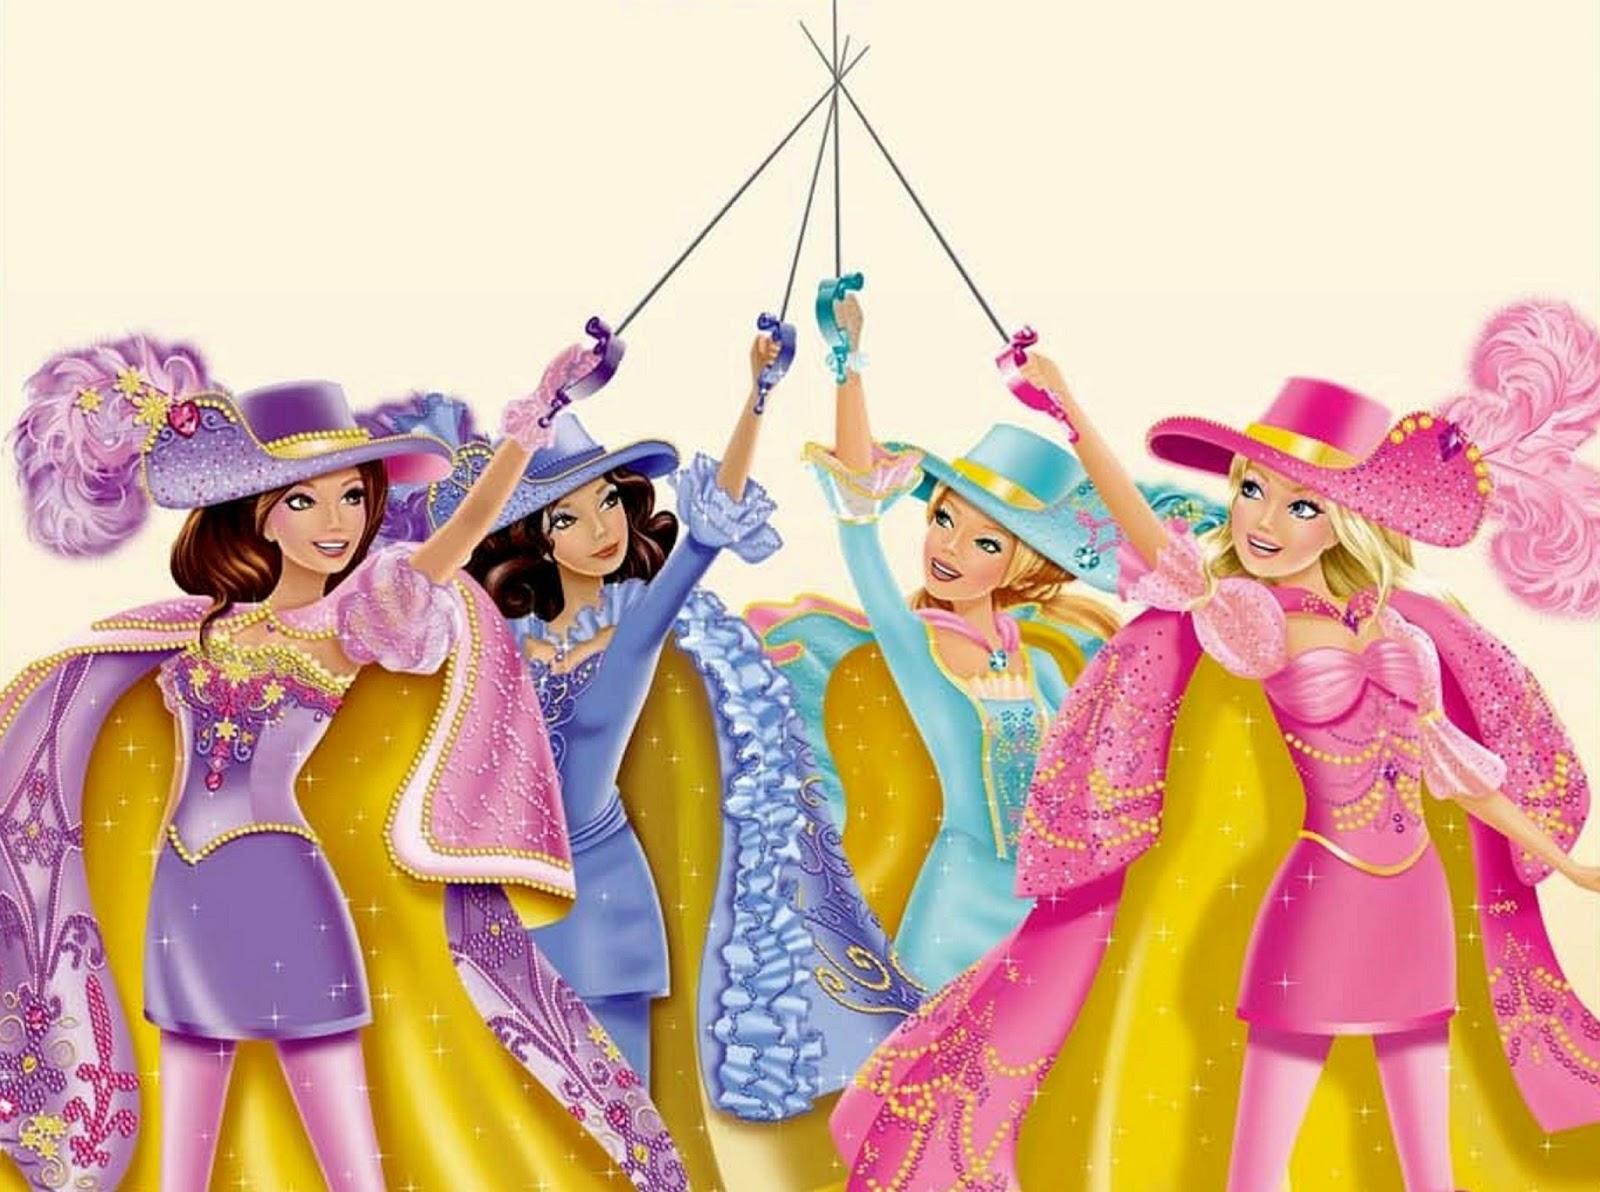 Watch Barbie and the Three Musketeers (2009) Full Movie Online - barbieisbarbie